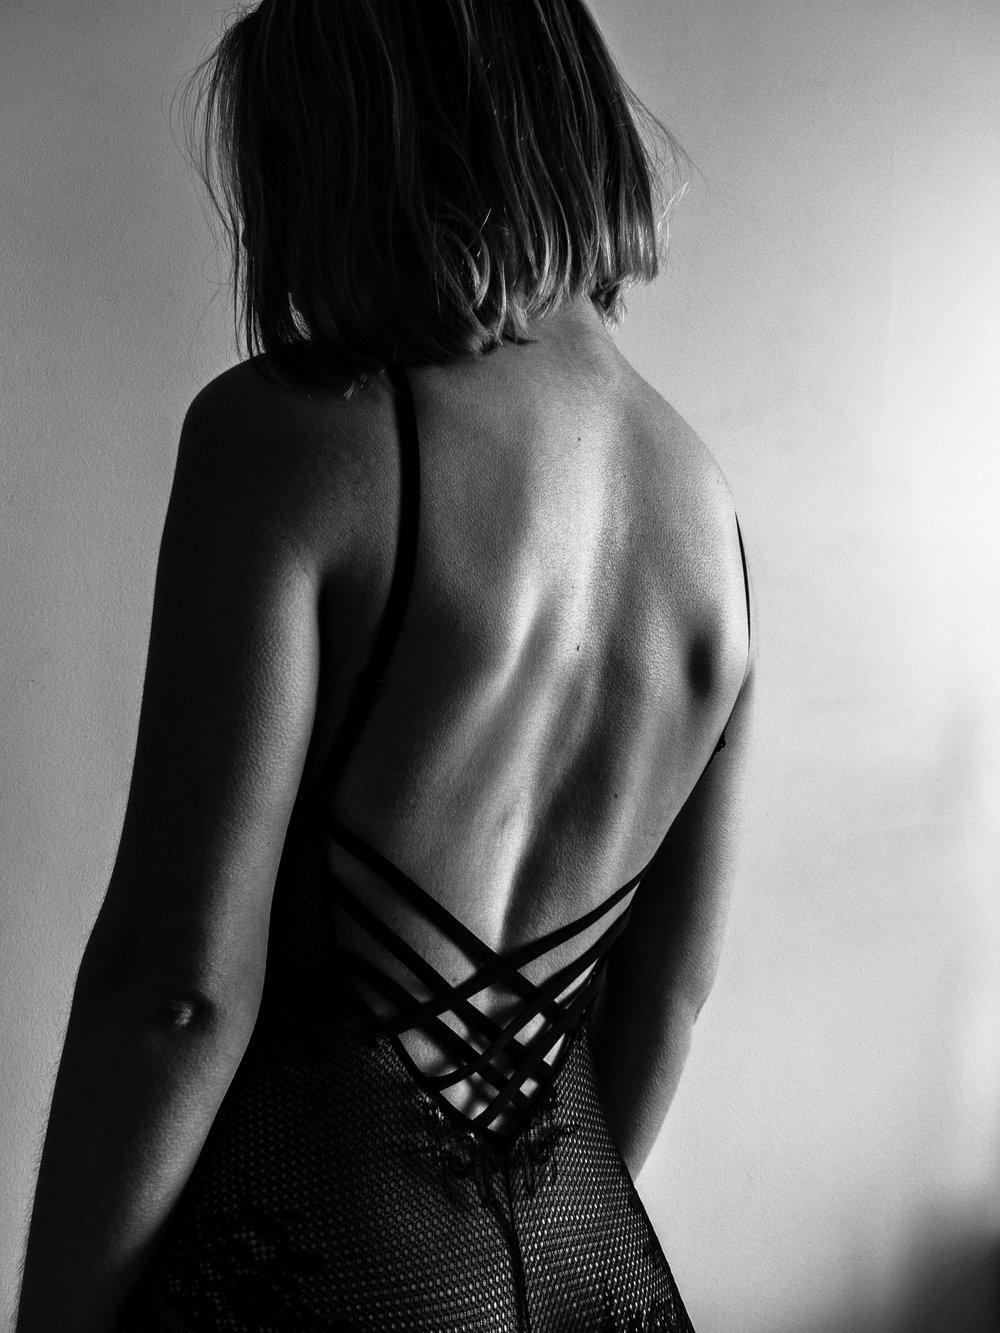 Une femme qui se coupe les cheveux est une femme qui s'apprête à changer de vie. - Coco Chanel